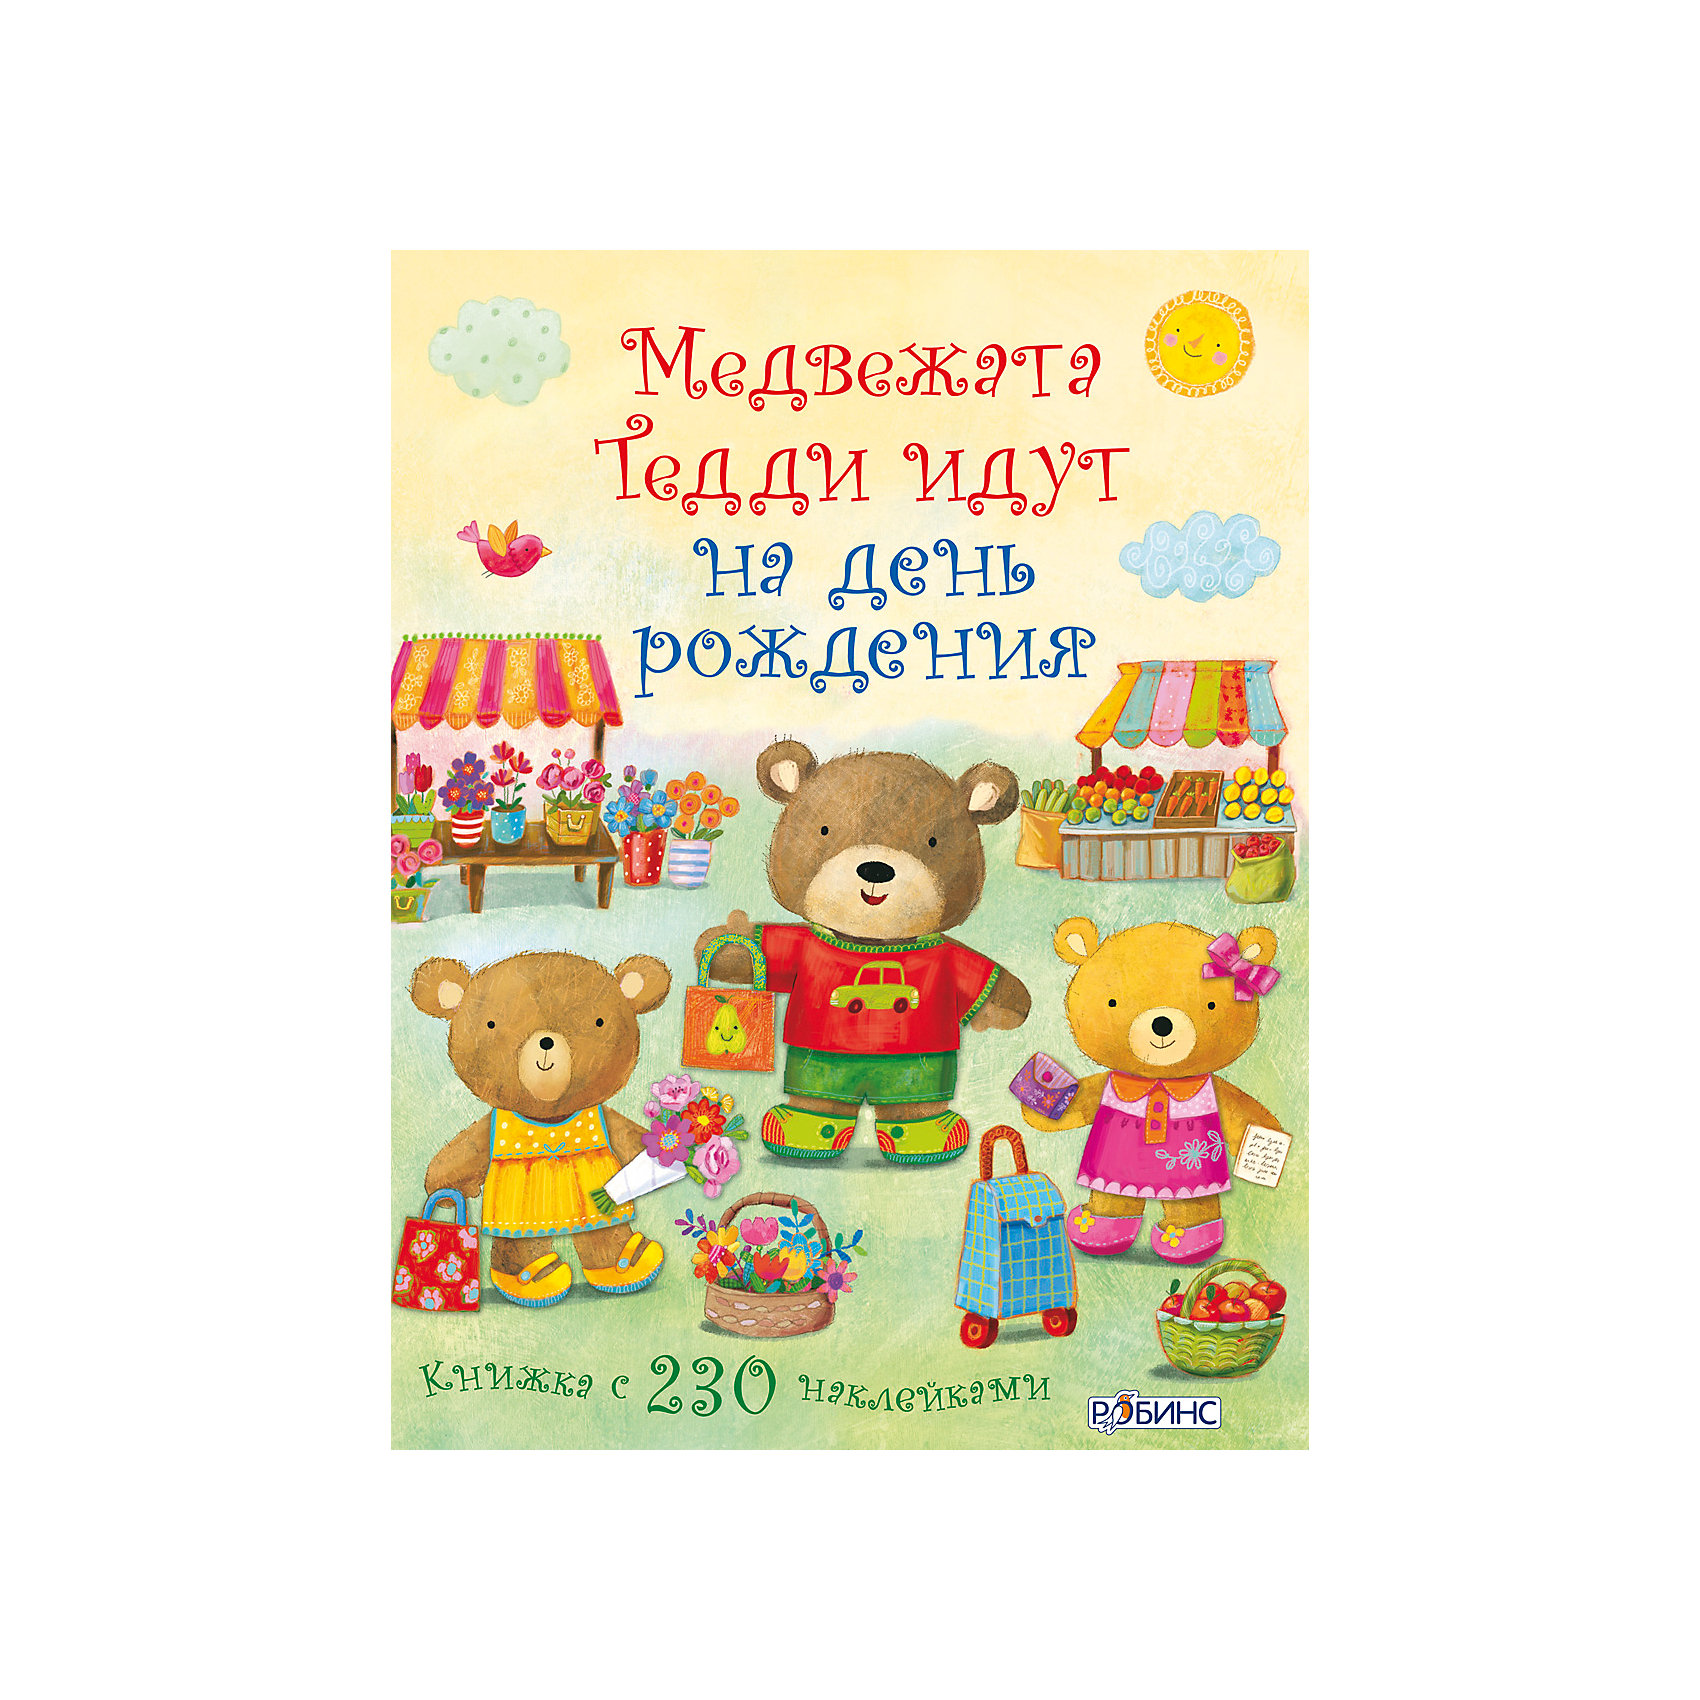 Книга с наклейками  Медвежата Тедди идут на день рожденияРобинс<br>Медвежата Тедди идут на день рождения - продолжение серии книжек с наклейками о маленьких медвежатах, более 200 наклеек внутри!  <br>Теперь герои книжки Потап, Кузя и Плюшка собираются на день рождения Ириски.  <br>Вашей задачей будет подготовить медвежат к этому событию: подобрать одежду, собрать сумки, купить цветы и пирожные, и конечно же подарки.  <br><br>В чем особенность книги:  <br>- Яркие, крупные иллюстрации;  <br>- Много-много-много наклеек;  <br>- Интересная история.  <br><br>Дополнительная информация:<br><br>Художник: Ятковска Эг<br>Дизайнер: Добби Мэг<br>Переводчик: Маккински И.<br>Формат: 27.7 x 21.6 x 0.3 см<br>Мягкая обложка<br>Страниц: 24<br><br>Книгу с наклейками  Медвежата Тедди идут на день рождения можно купить в нашем магазине.<br><br>Ширина мм: 278<br>Глубина мм: 215<br>Высота мм: 2<br>Вес г: 165<br>Возраст от месяцев: -2147483648<br>Возраст до месяцев: 2147483647<br>Пол: Унисекс<br>Возраст: Детский<br>SKU: 4610607